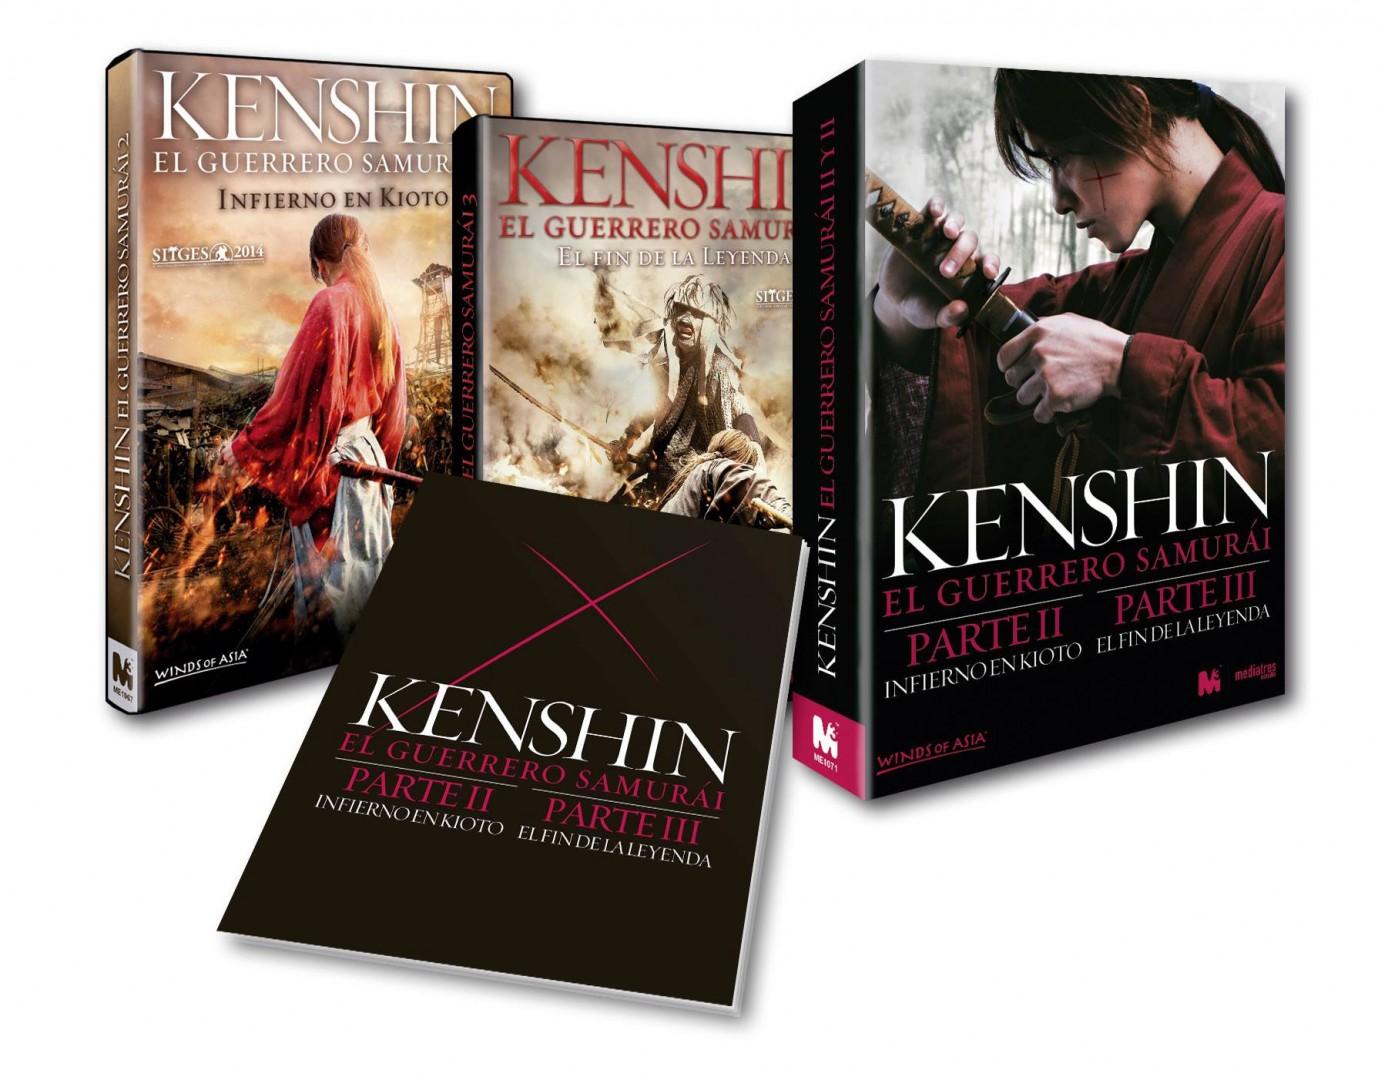 Kenshin-peliculas-2-y-3-mediatres-pack-dvd